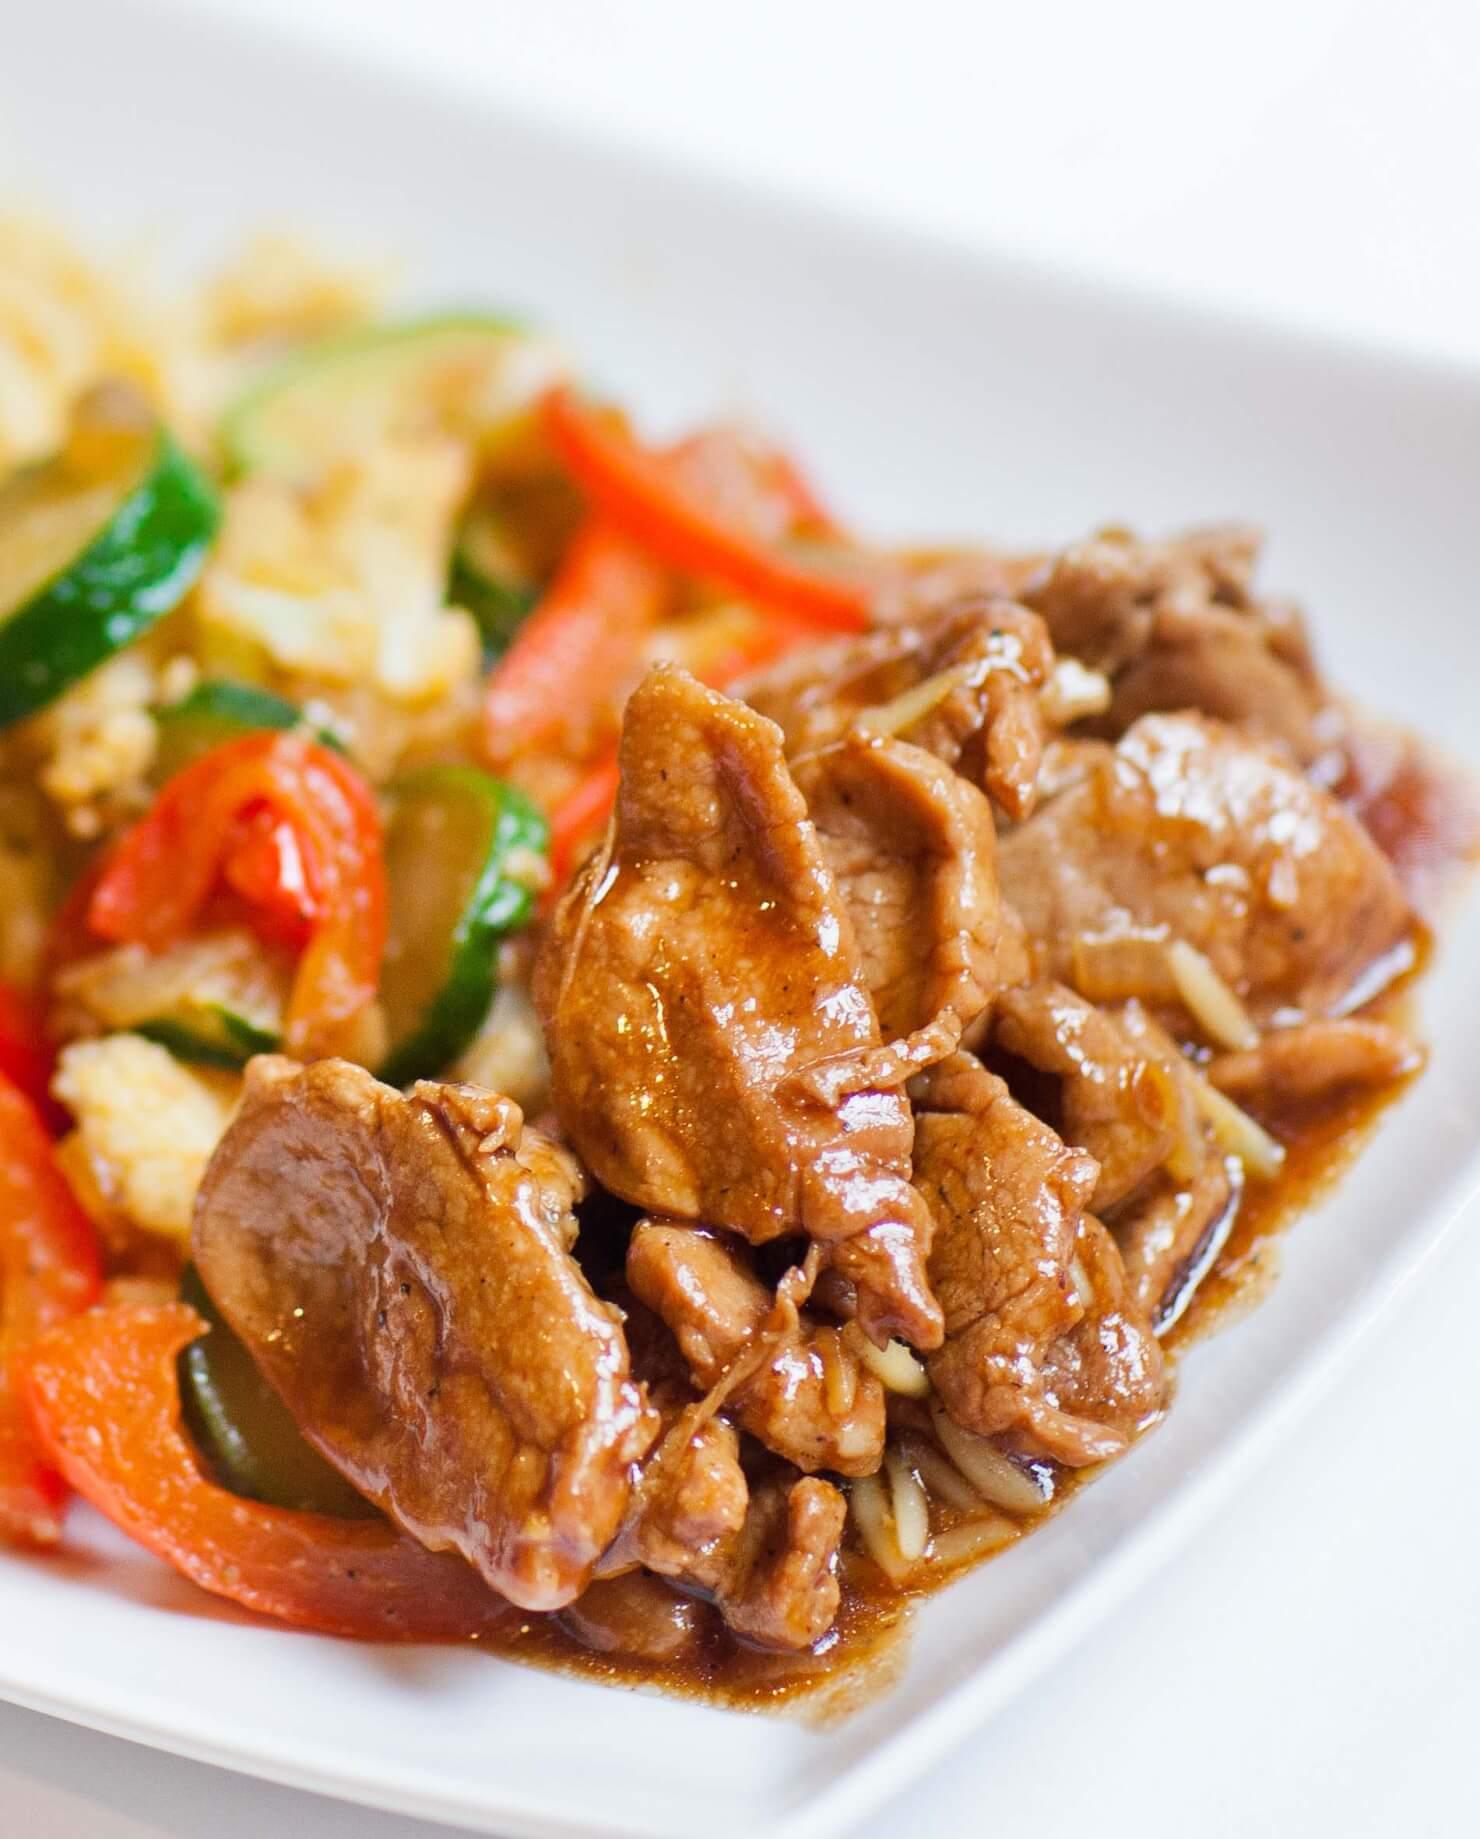 teriyaki pork with veggies